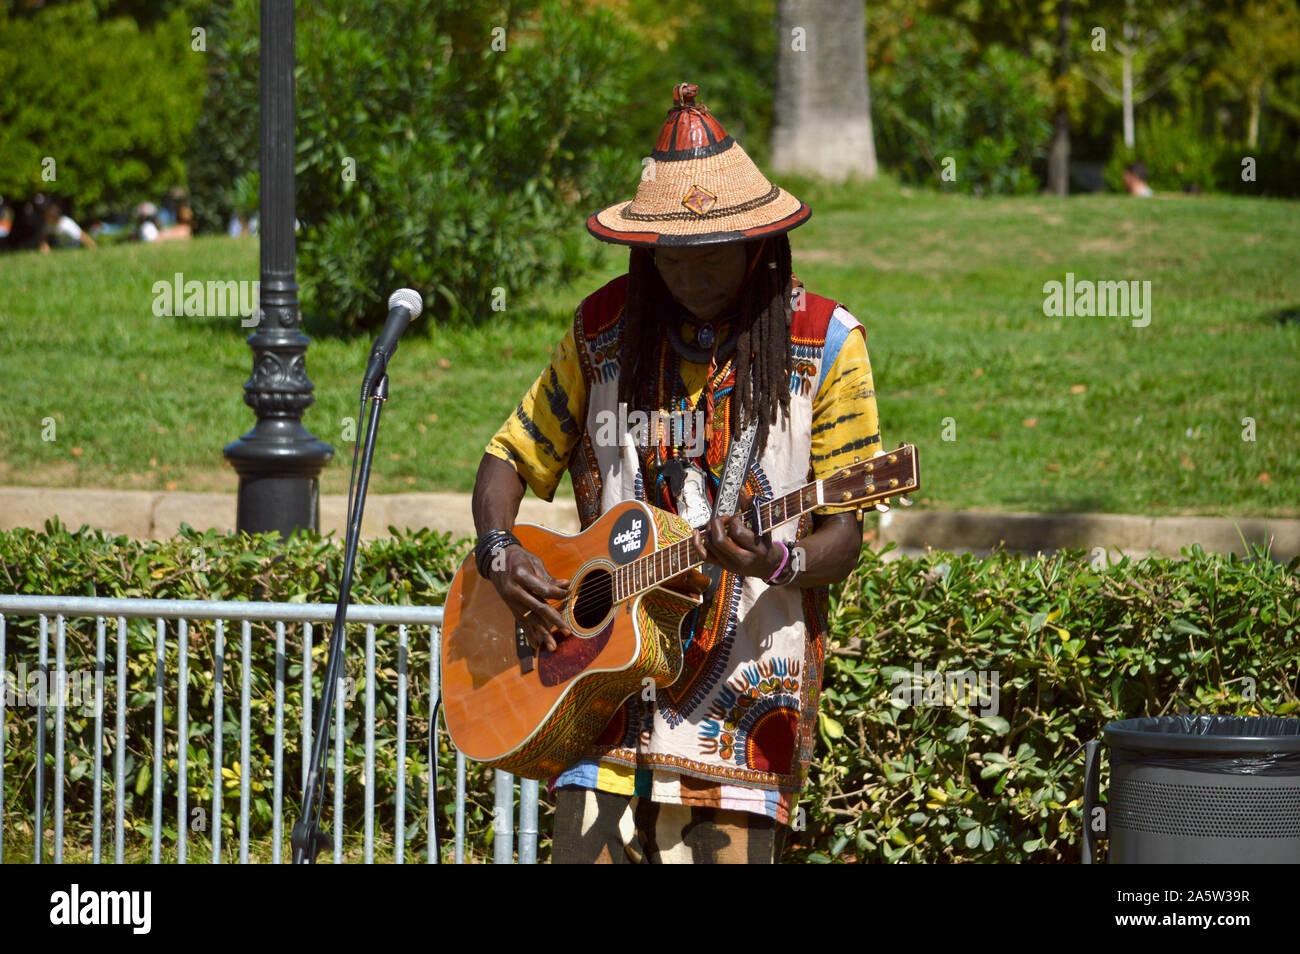 Un músico callejero tocando una guitarra en el Parque de la Ciutadella DURANTE LA MERCE 2019 en Barcelona, España Foto de stock